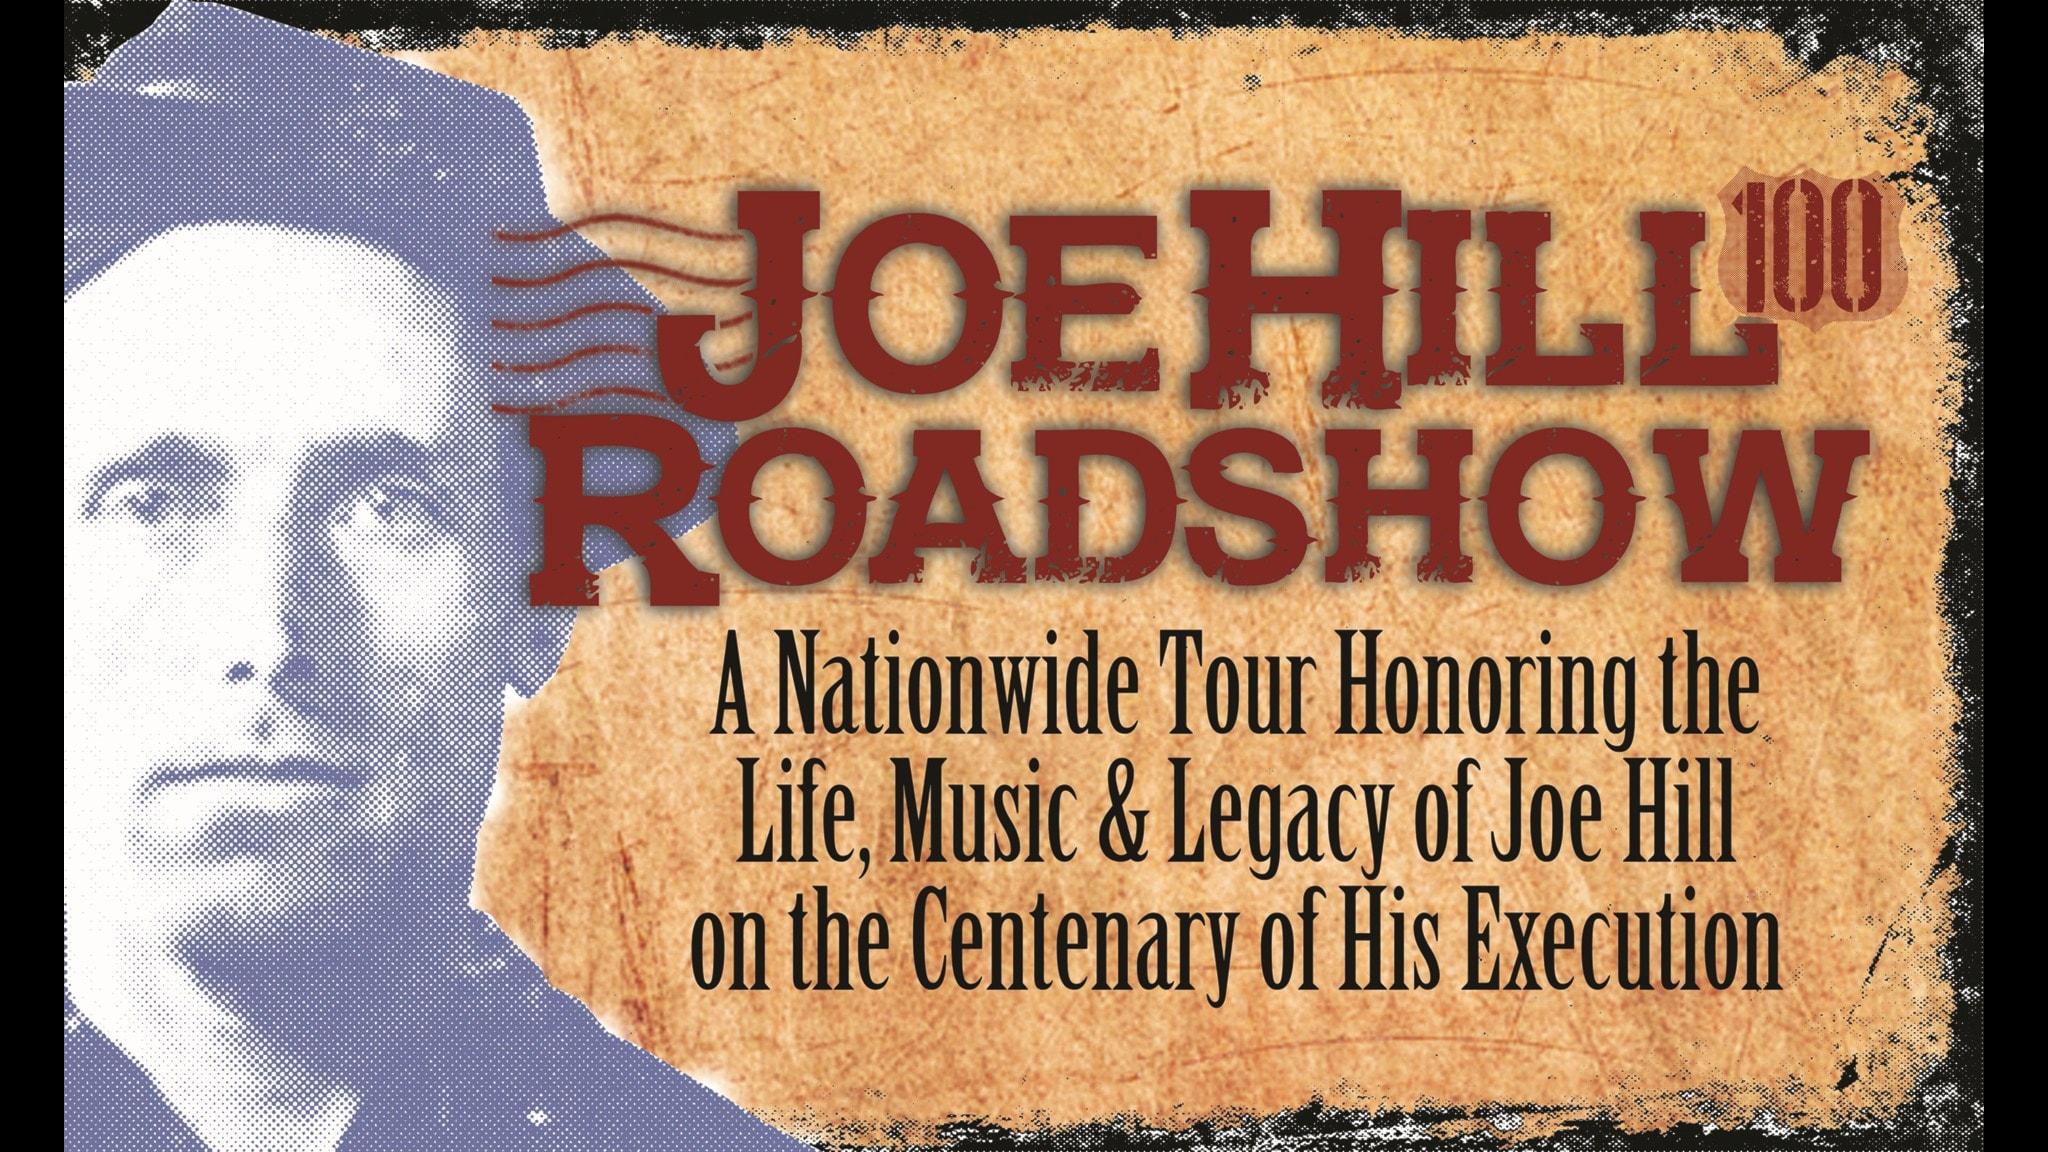 Joe Hills amerikanska roadshow 2015, affisch